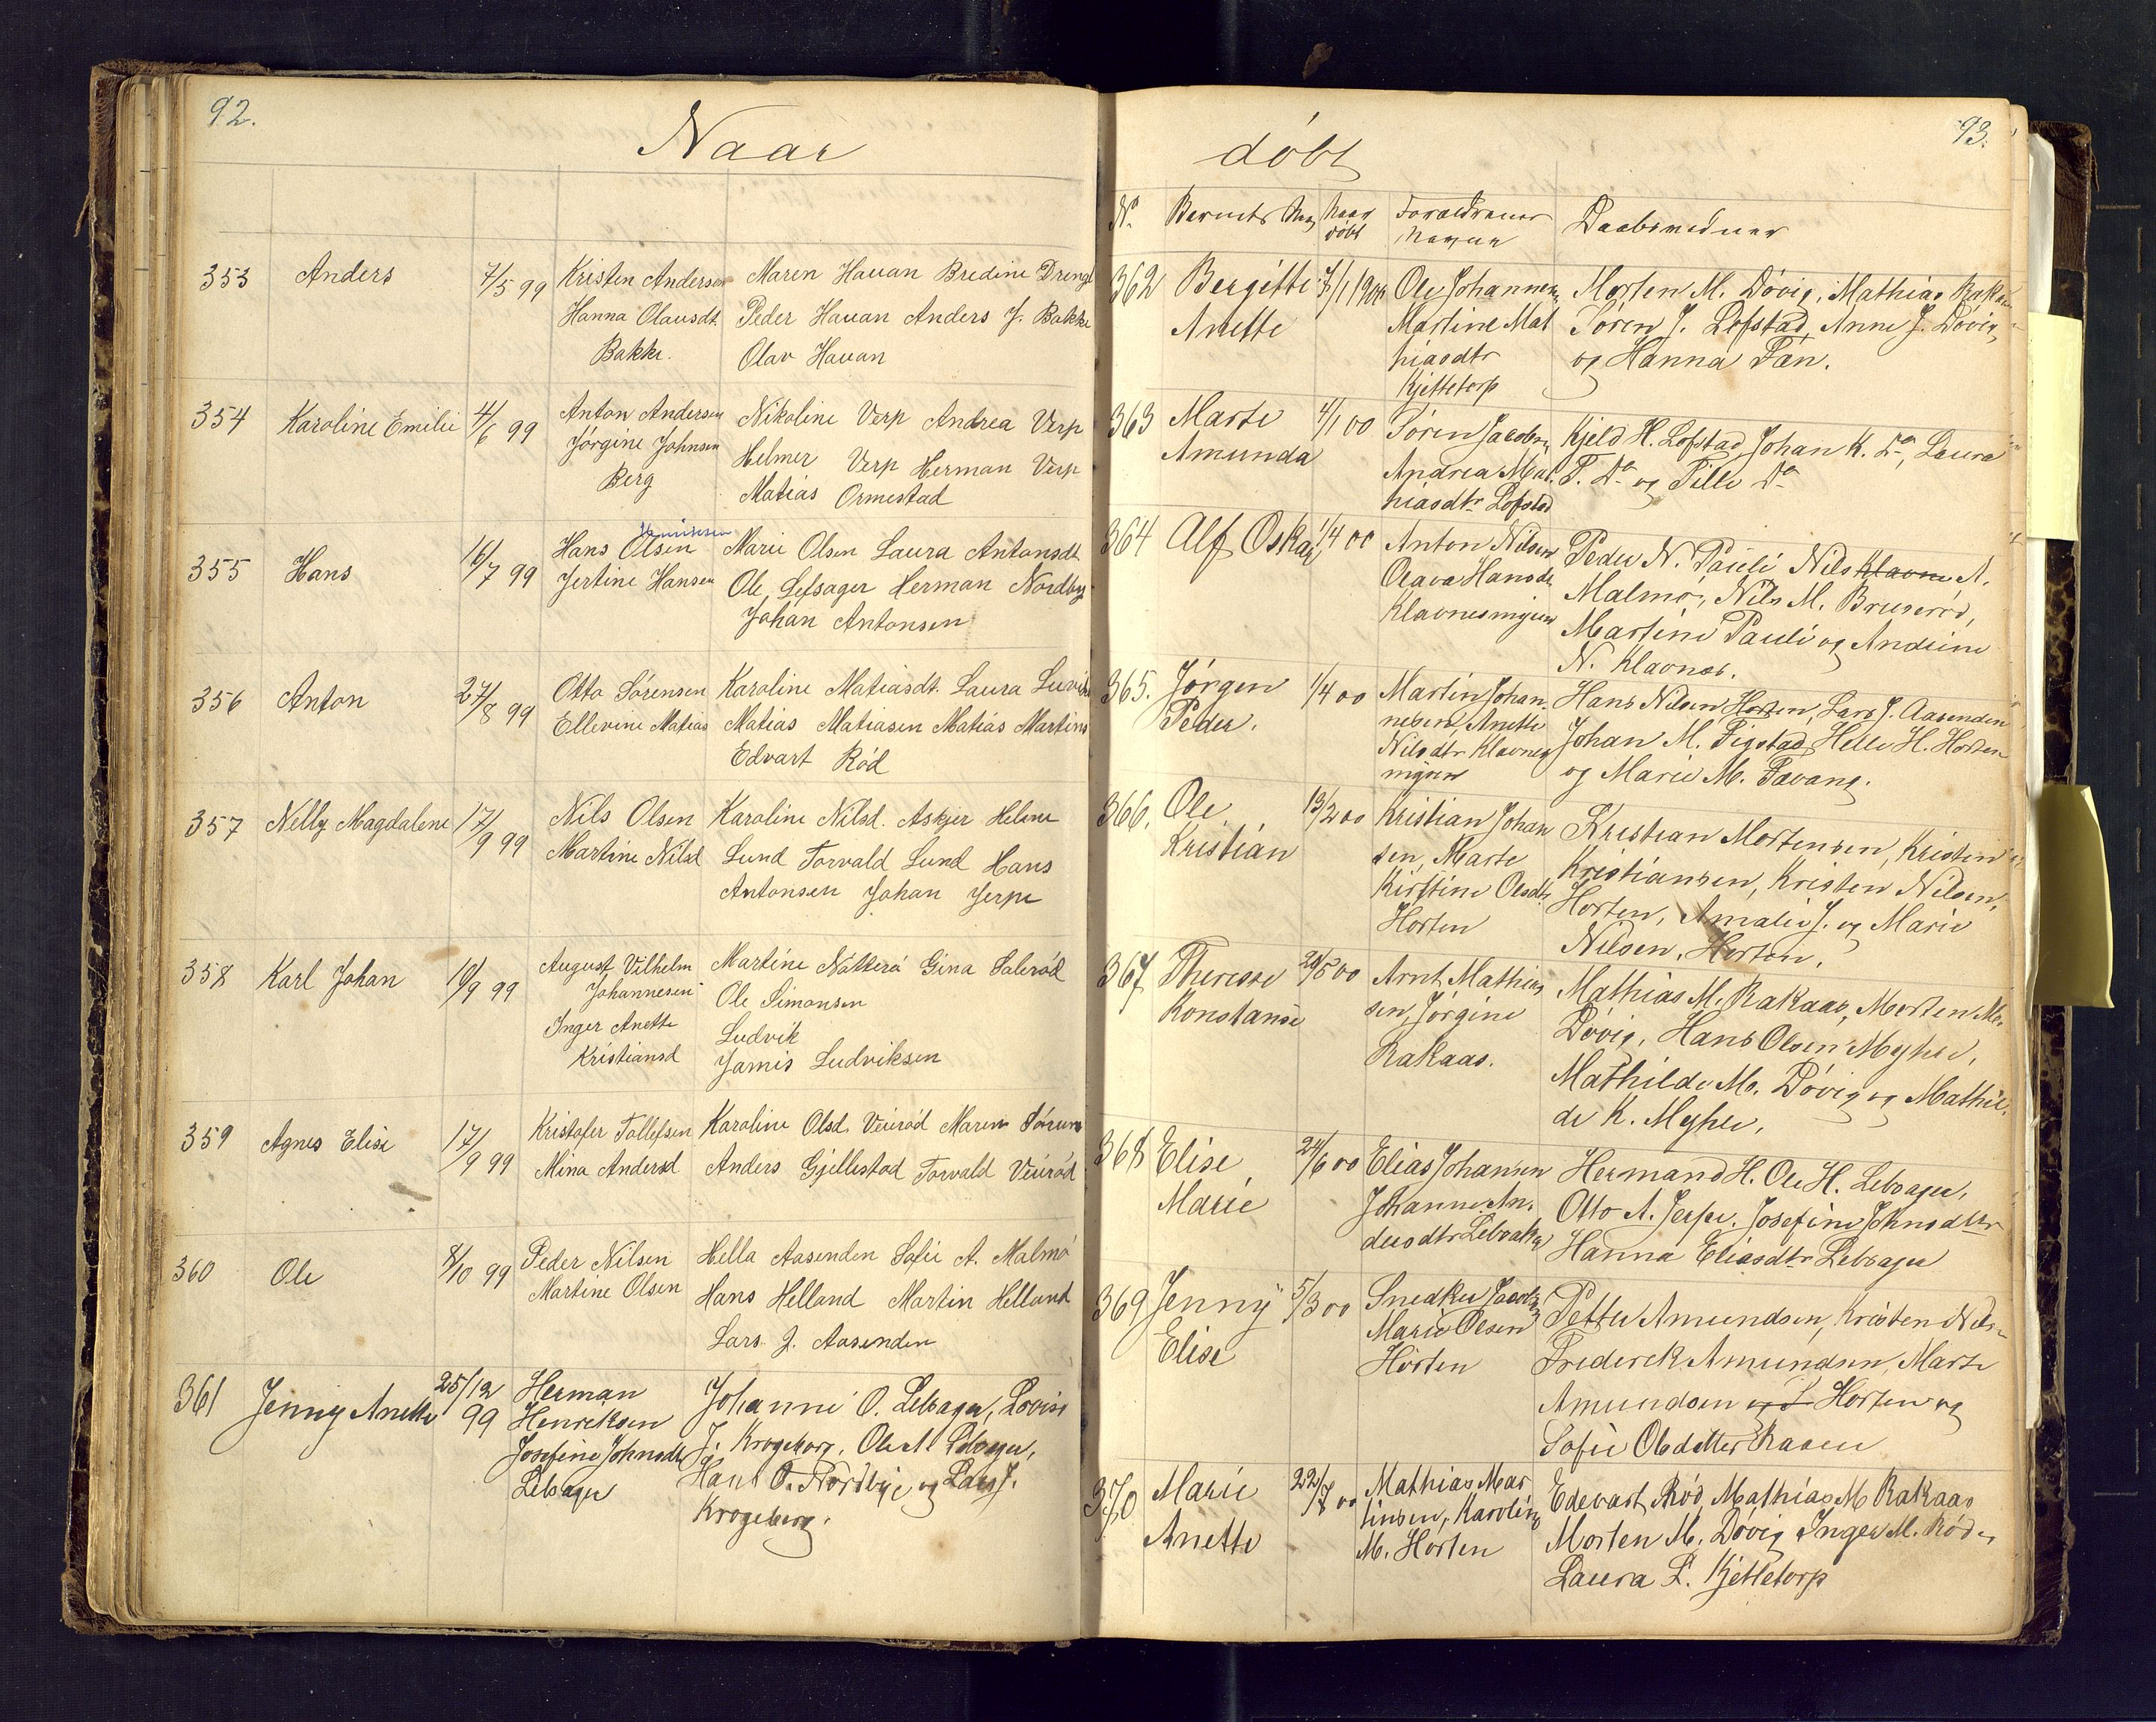 SAKO, Den evangeliske lutherske frimenighet (SAKO), Dissenter register no. Fb/L0001, 1872-1907, p. 92-93